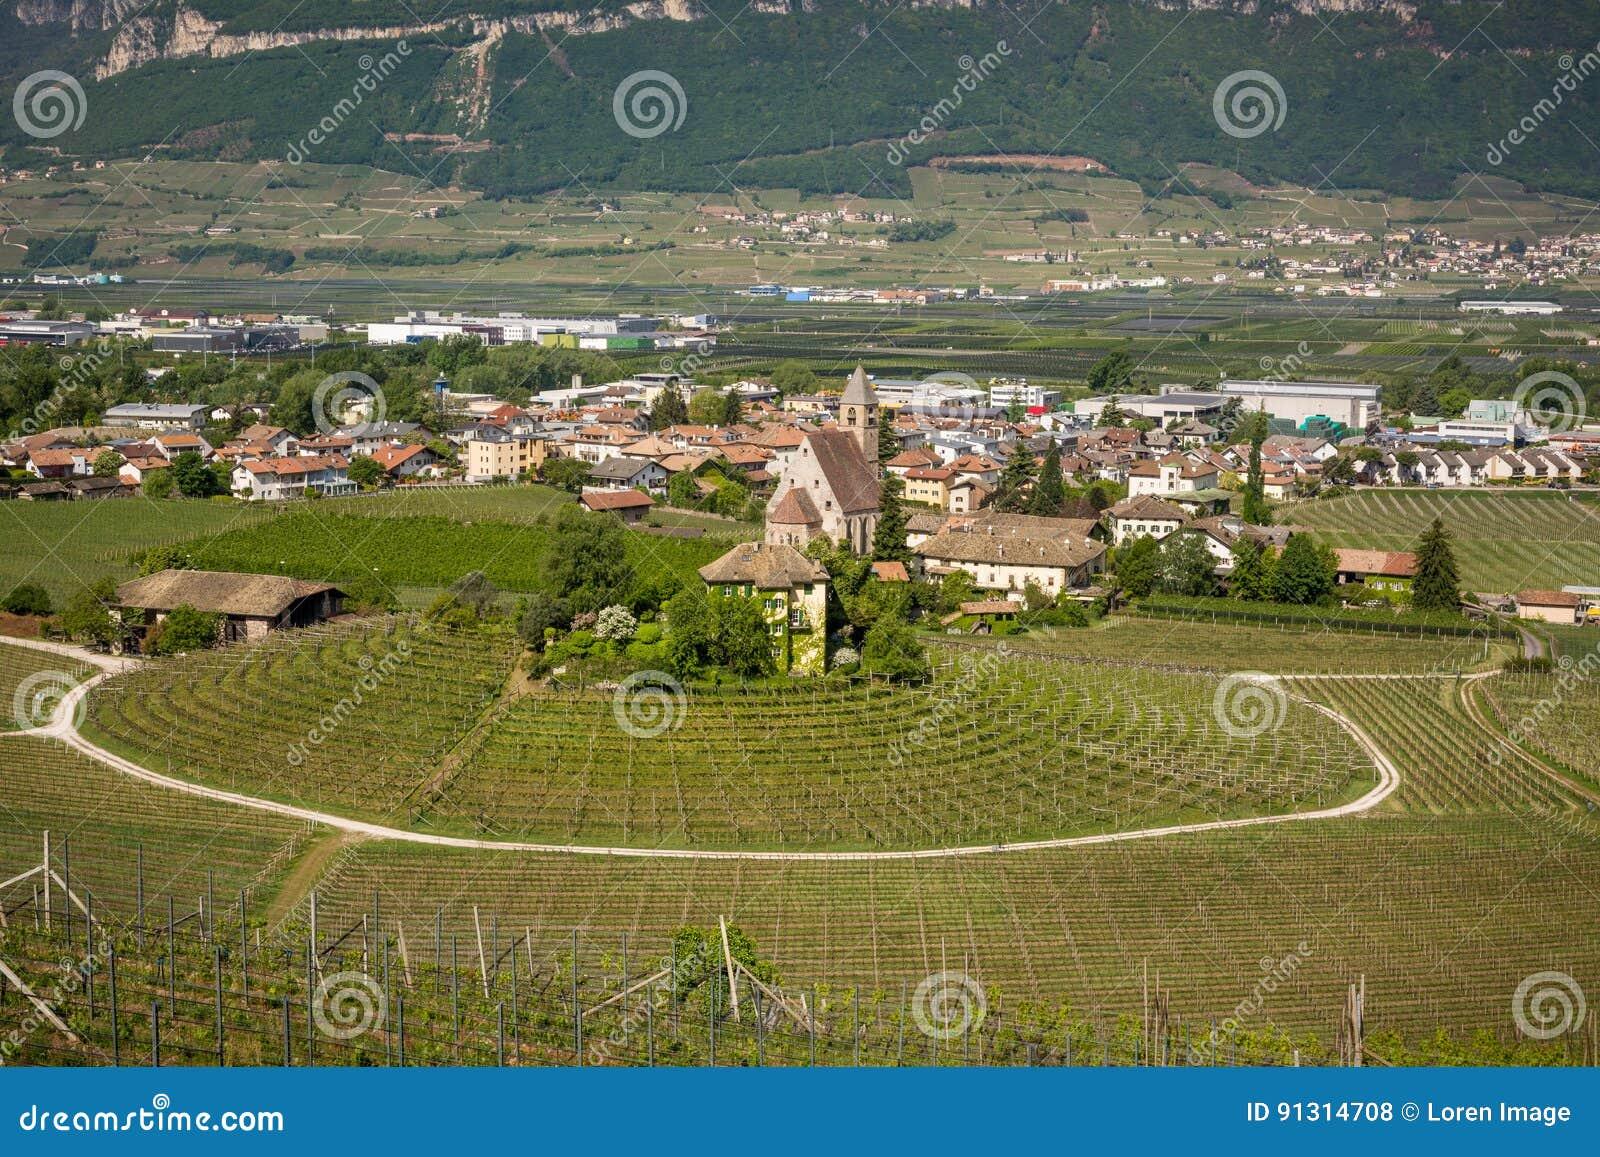 Viñedo circular característico en el Tyrol del sur, Egna, Bolzano, Italia en el camino del vino